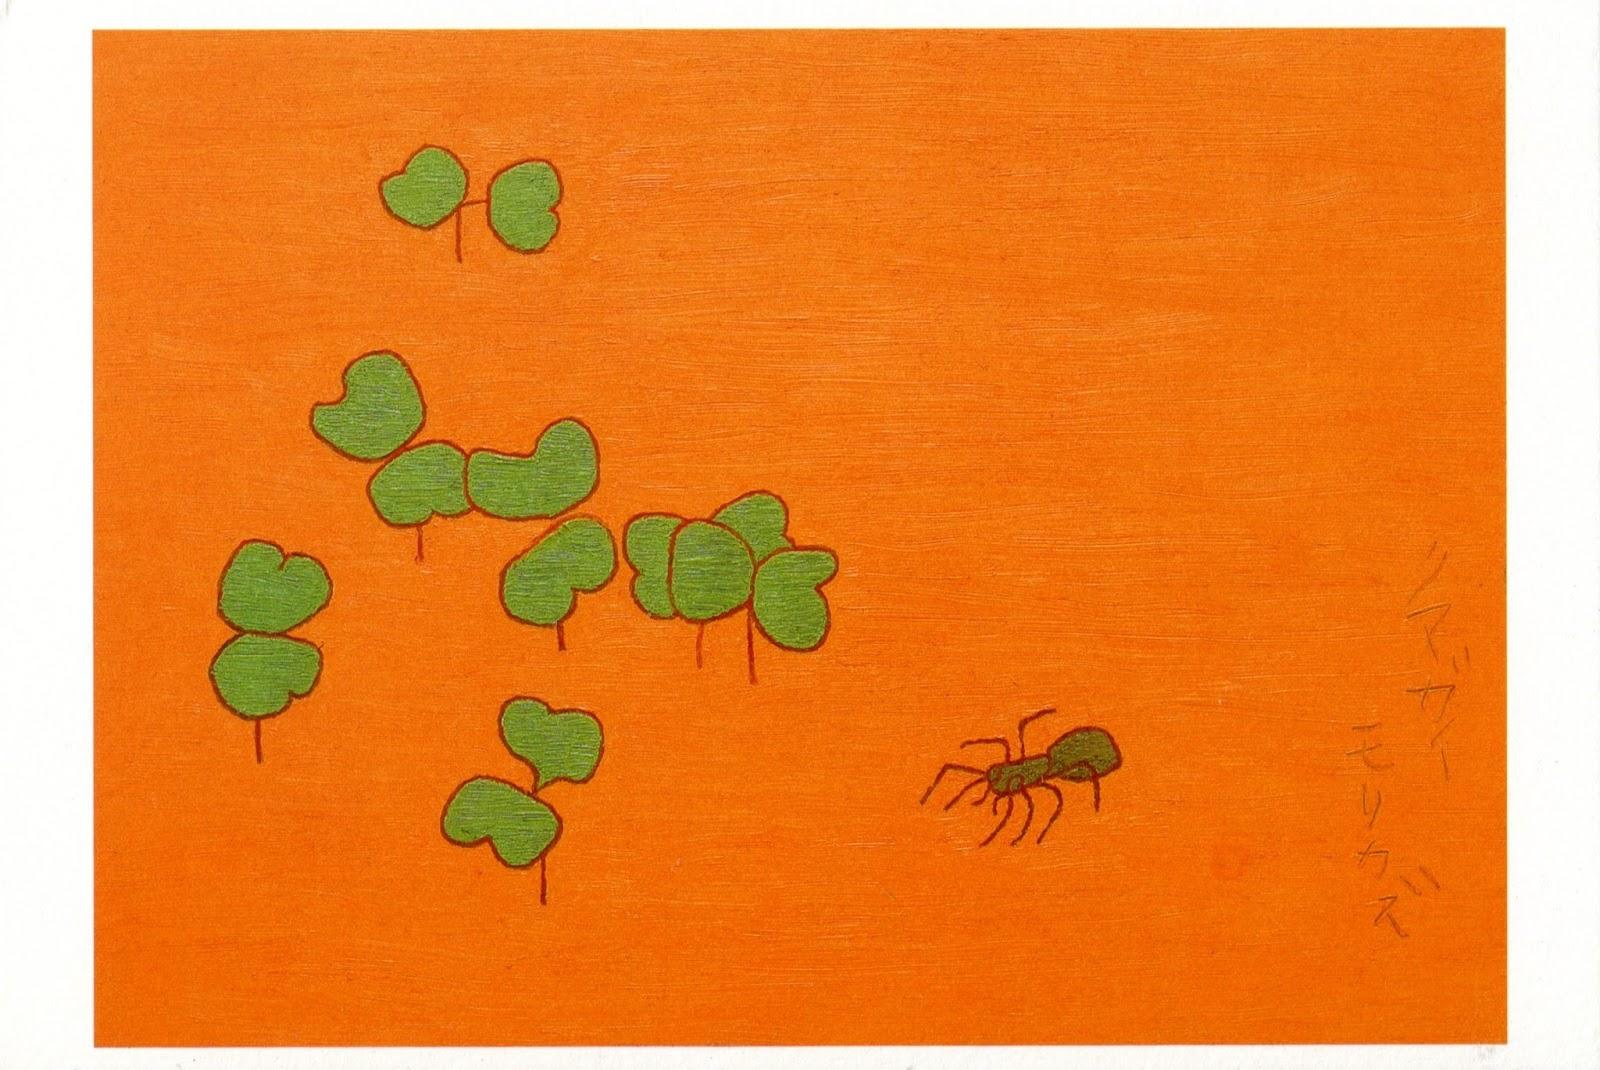 「地蜘蛛」 1963年/油絵  小学館アカデミー絵画倶楽部 講師ブログ